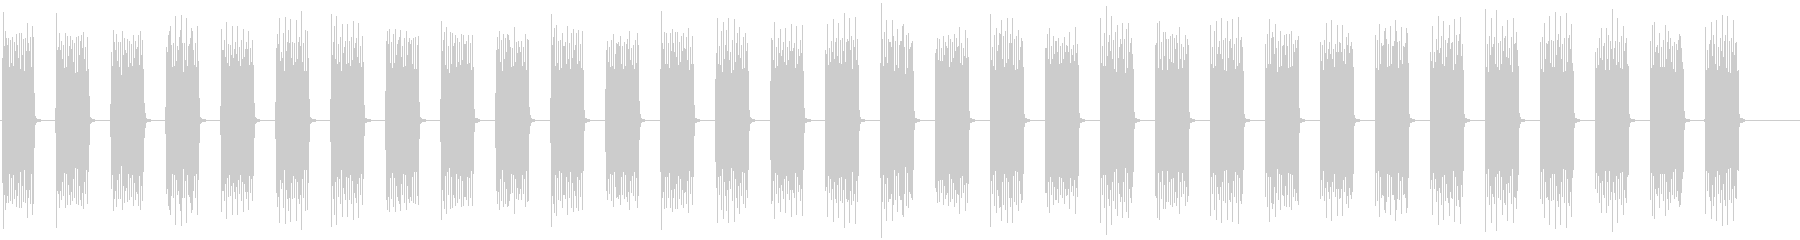 目覚まし時計の音の未再生の波形